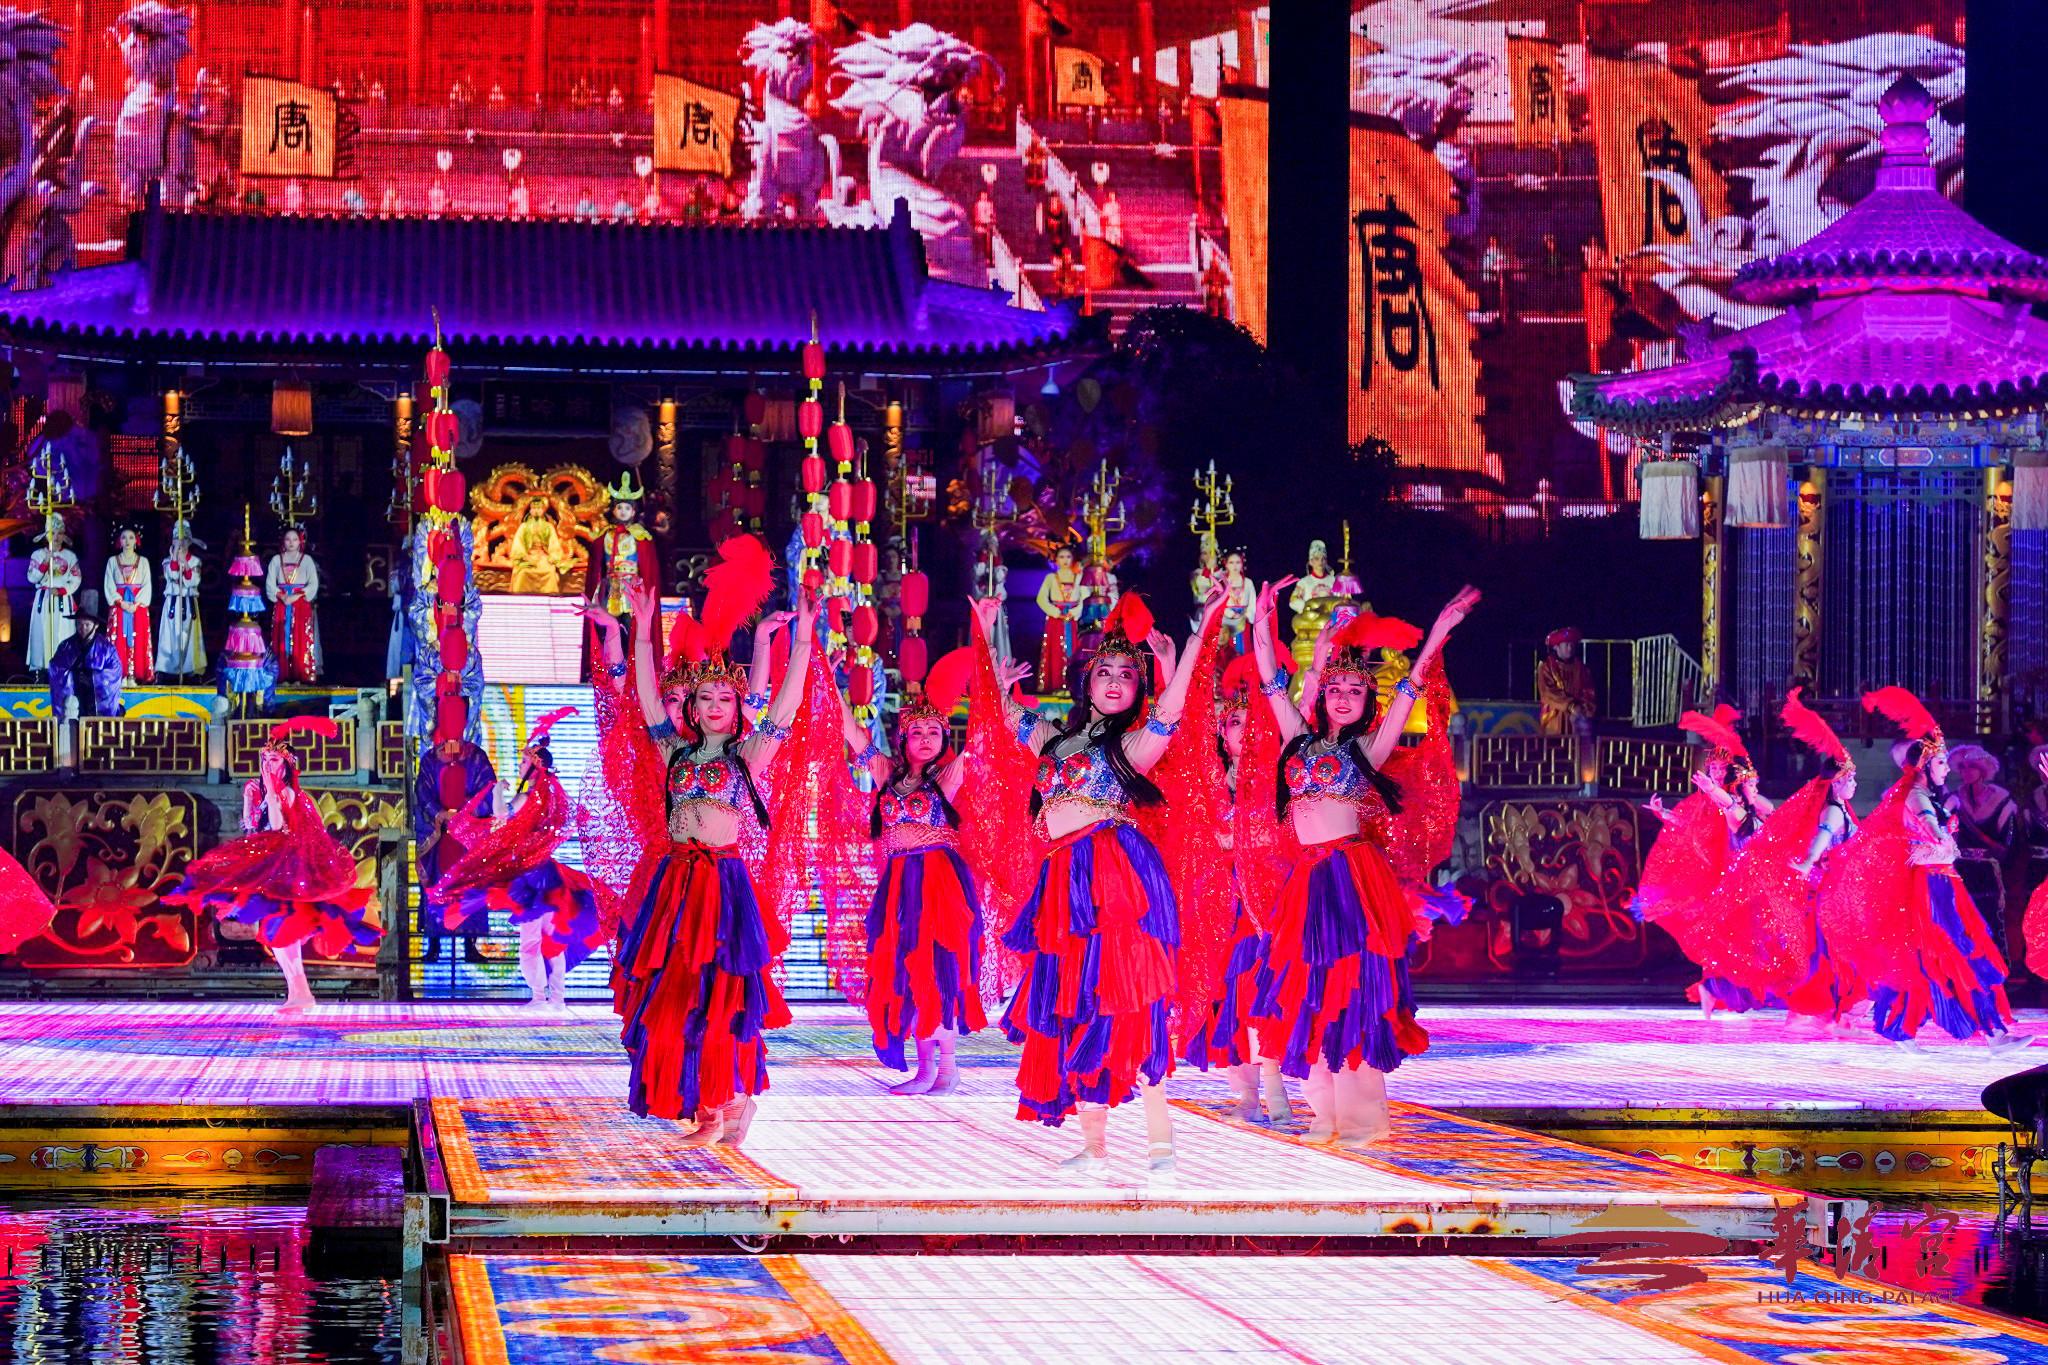 陕旅演艺暖冬惠民季精彩开启,期待2021年《长恨歌》炫彩归来